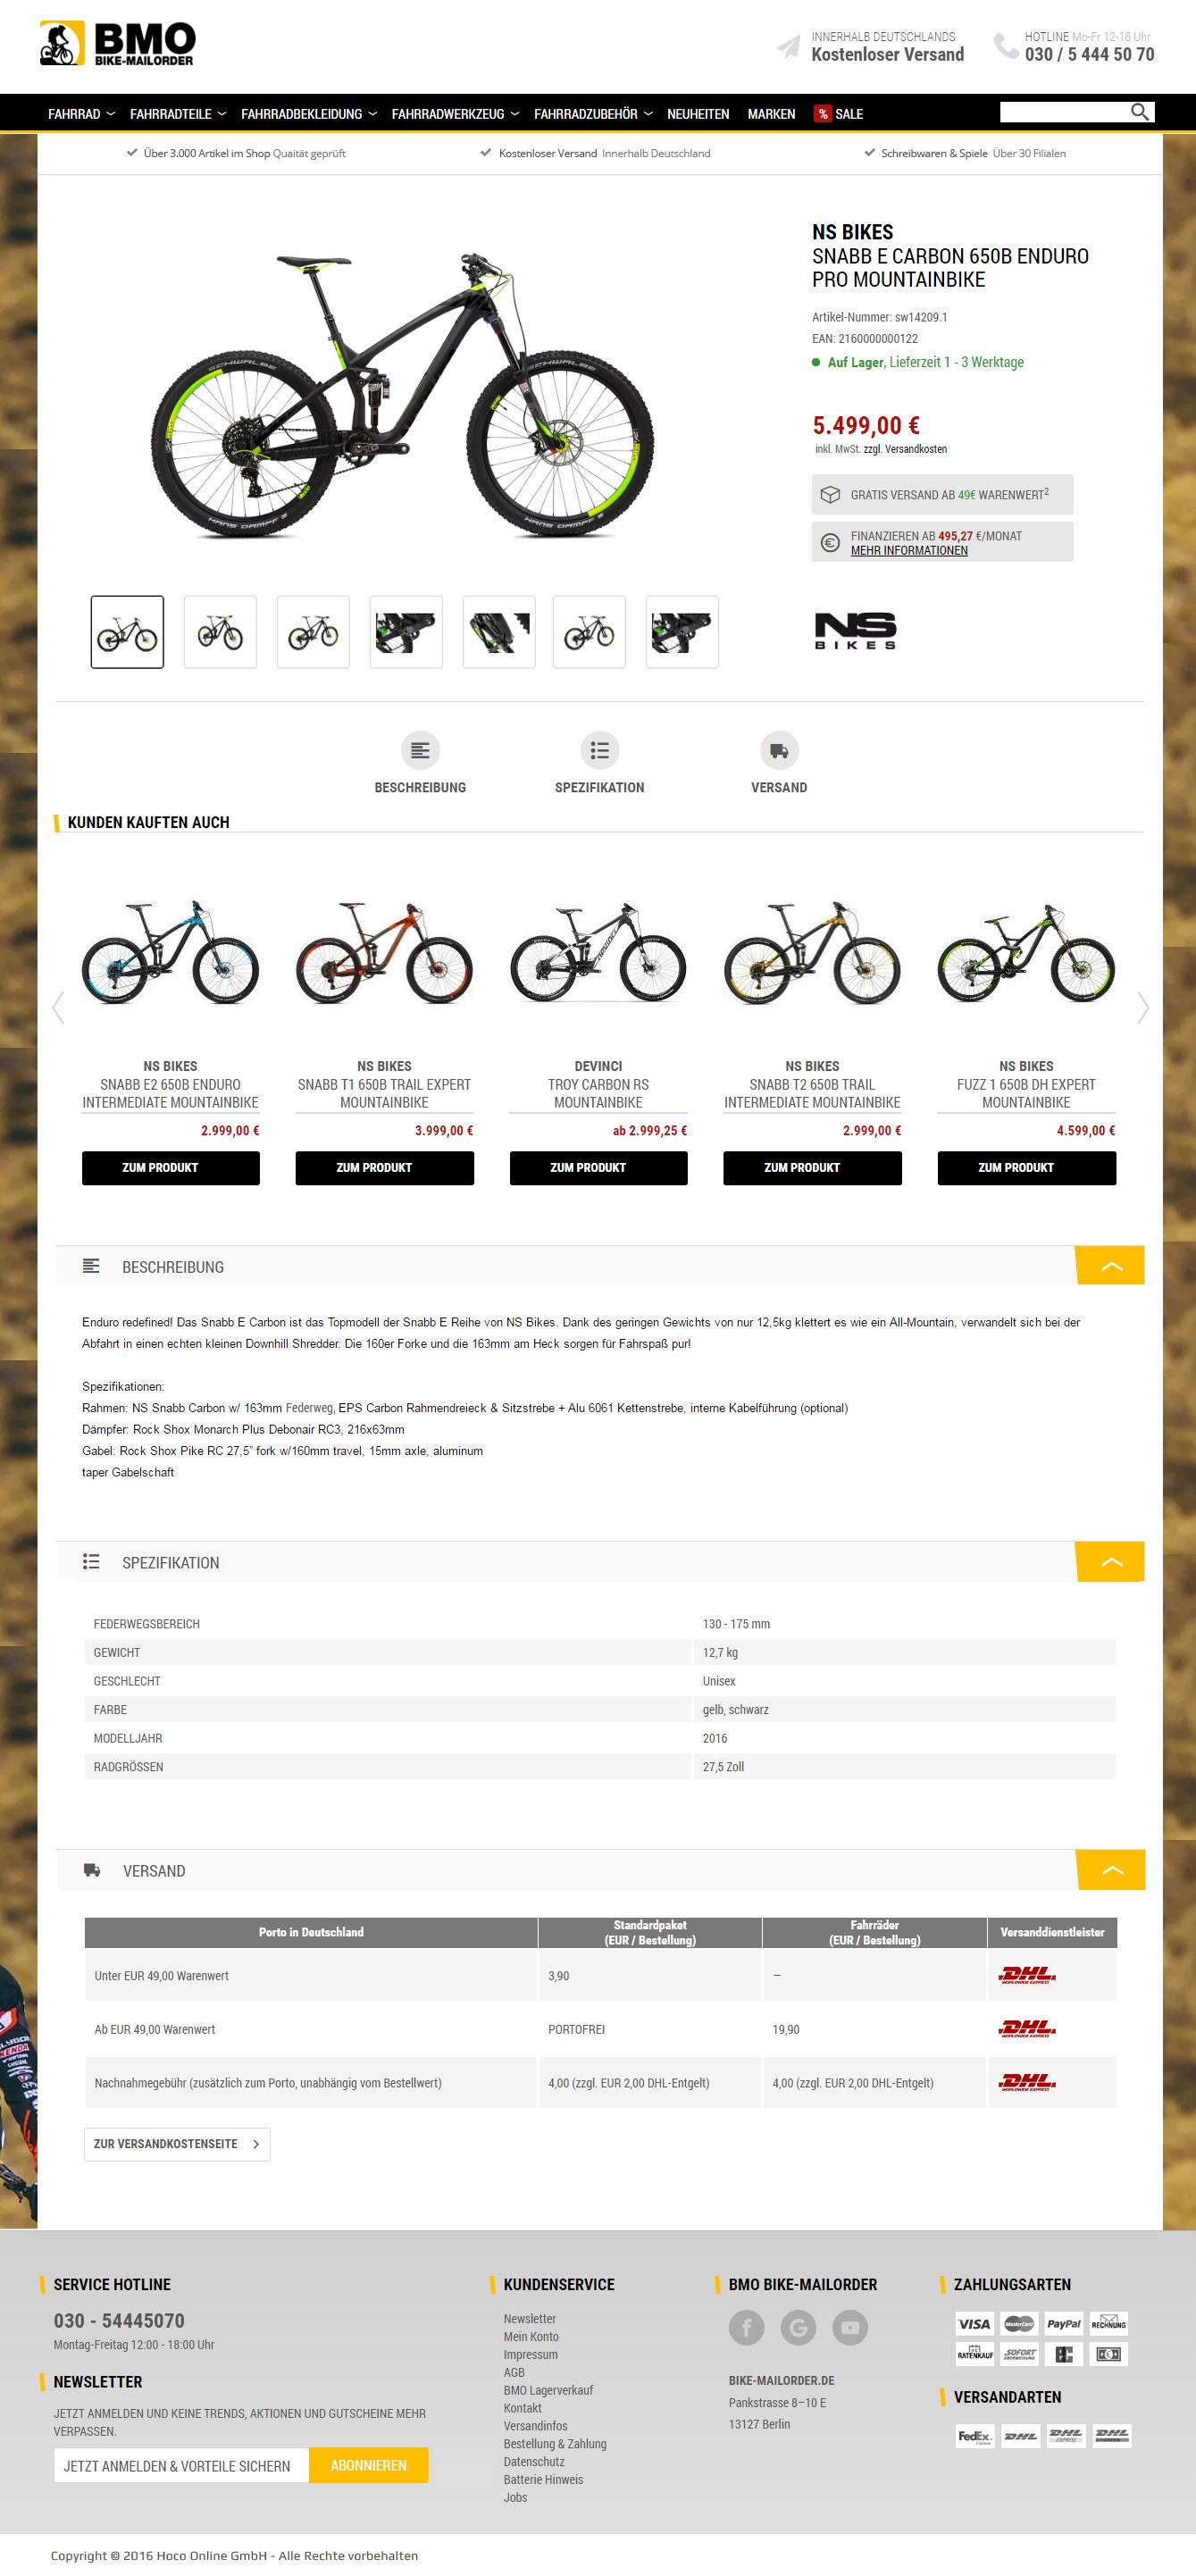 Bike Mailorder